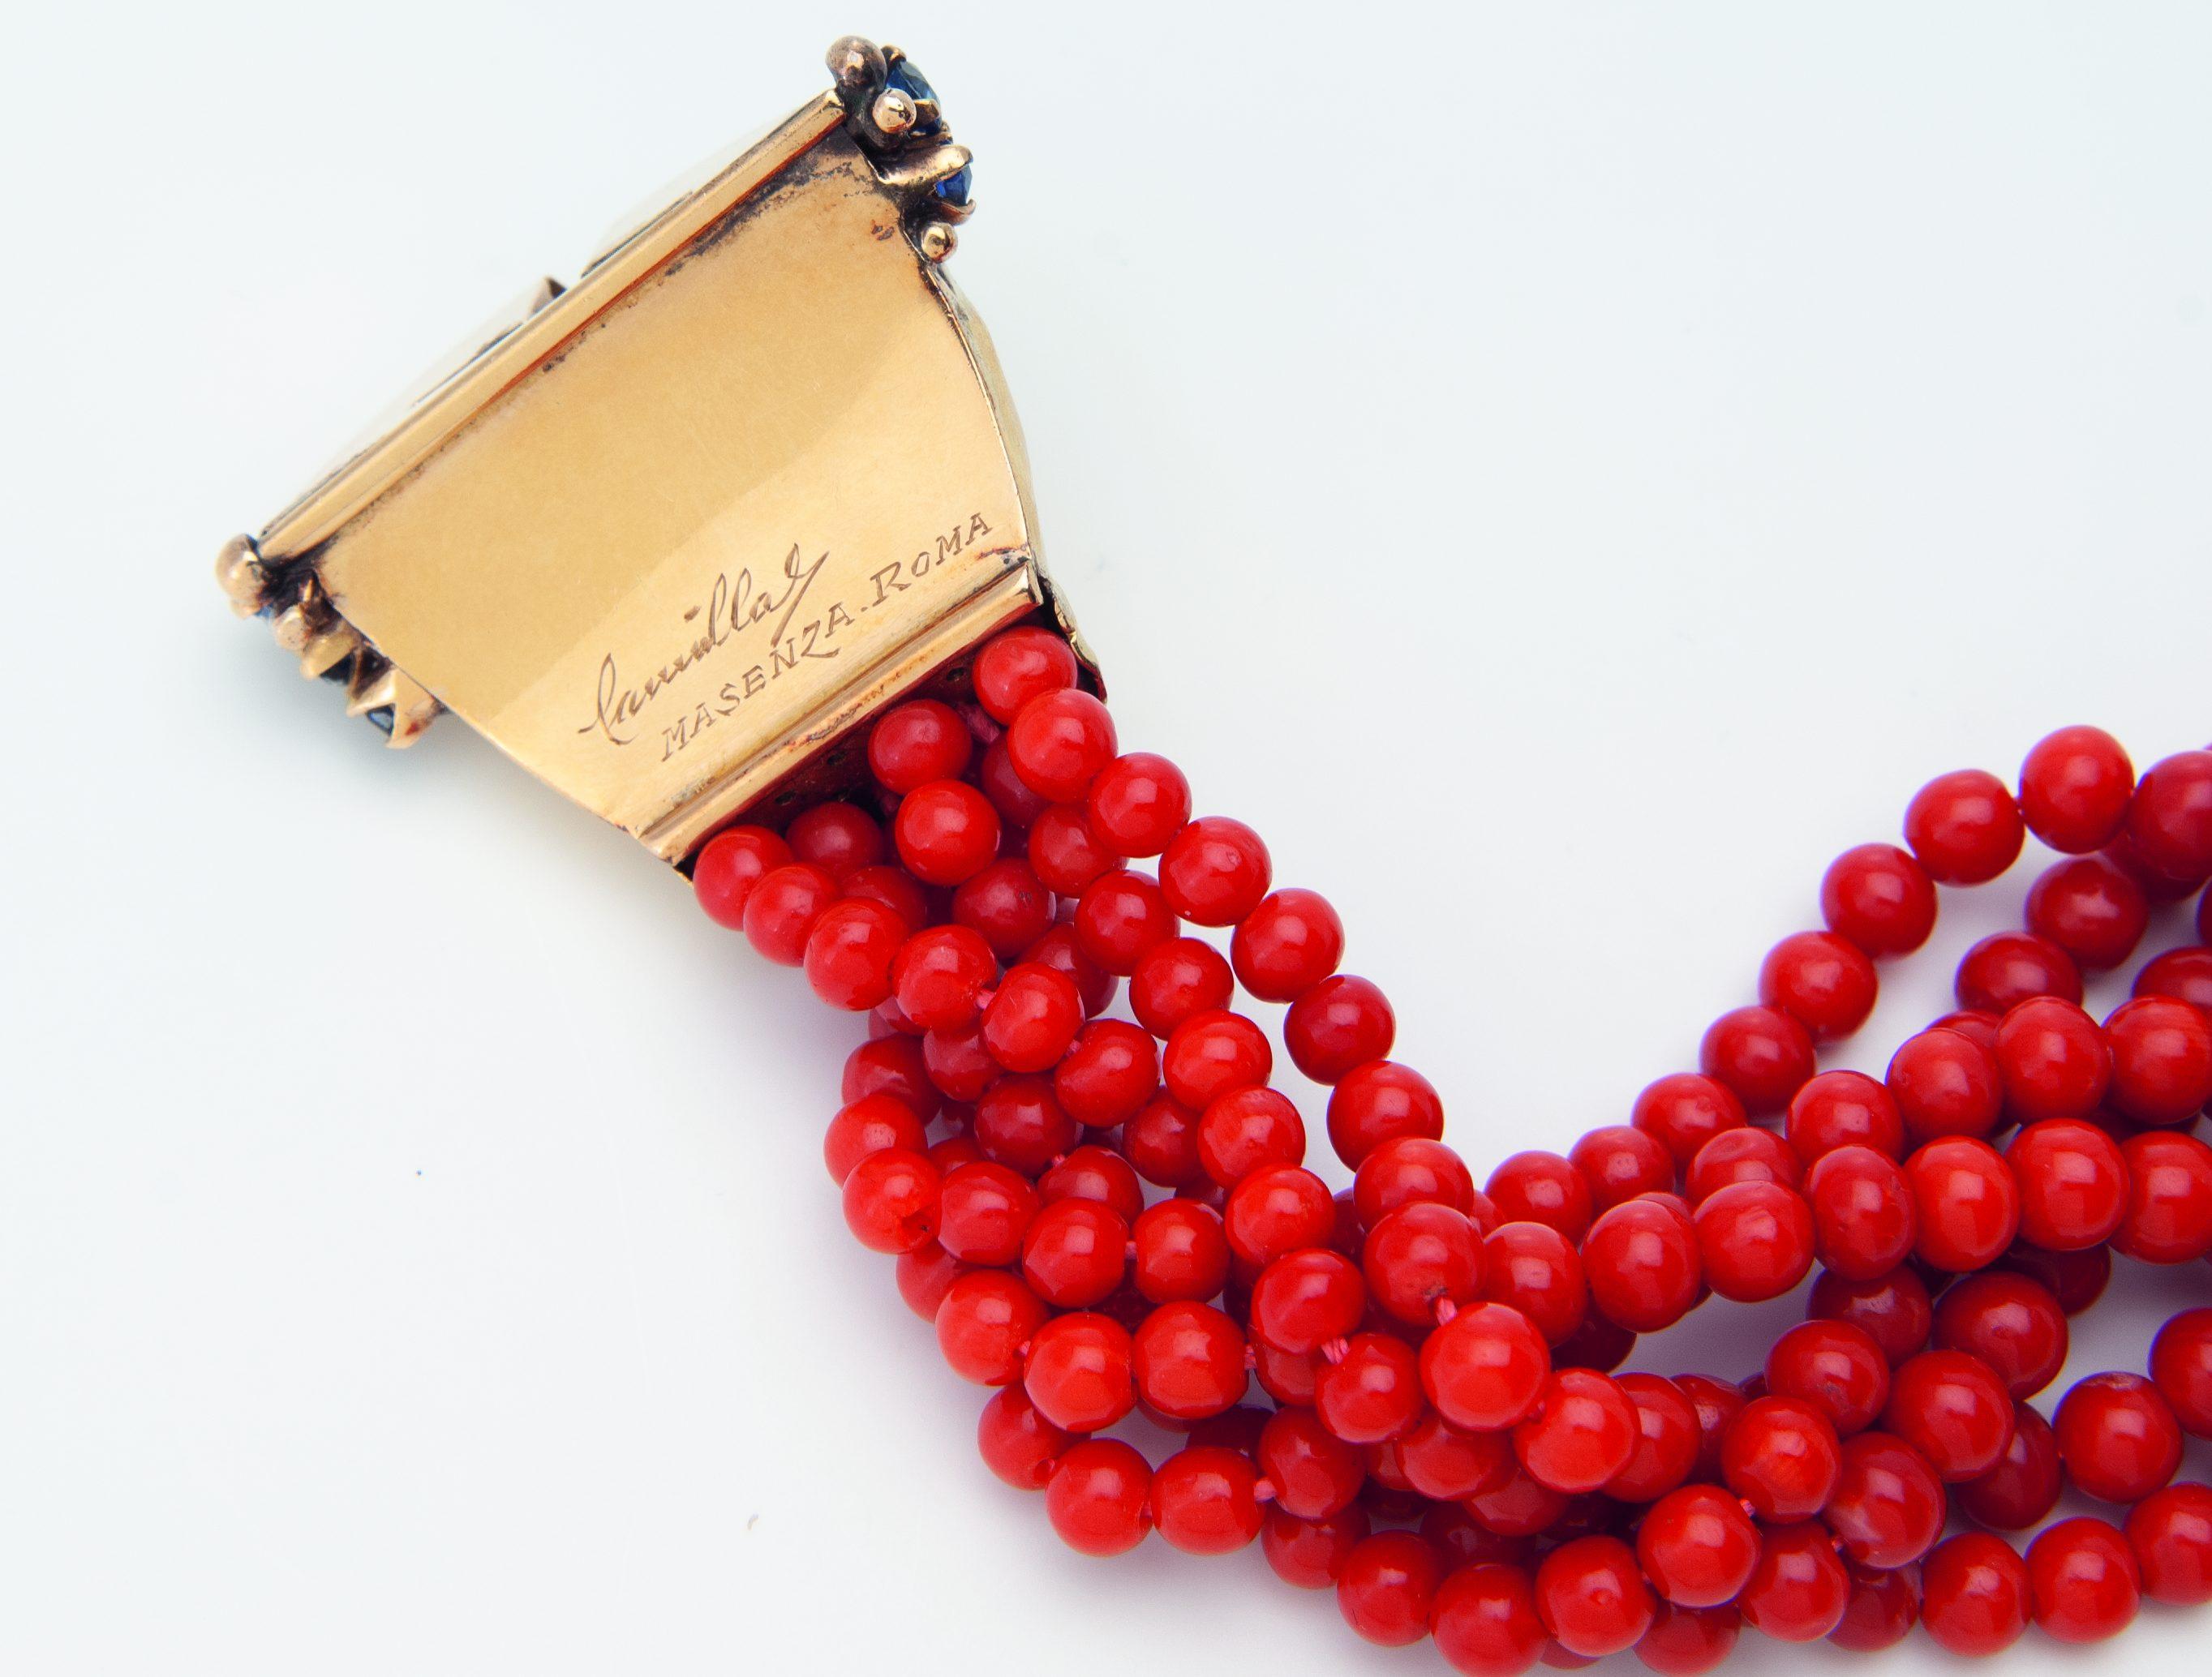 Franco Cannilla voor Mario Masenza, armband, circa 1949. Collectie Kimberly Klosterman. Foto Kimberly Klosterman, goud, koraal , meesterteken, diamant, saffier